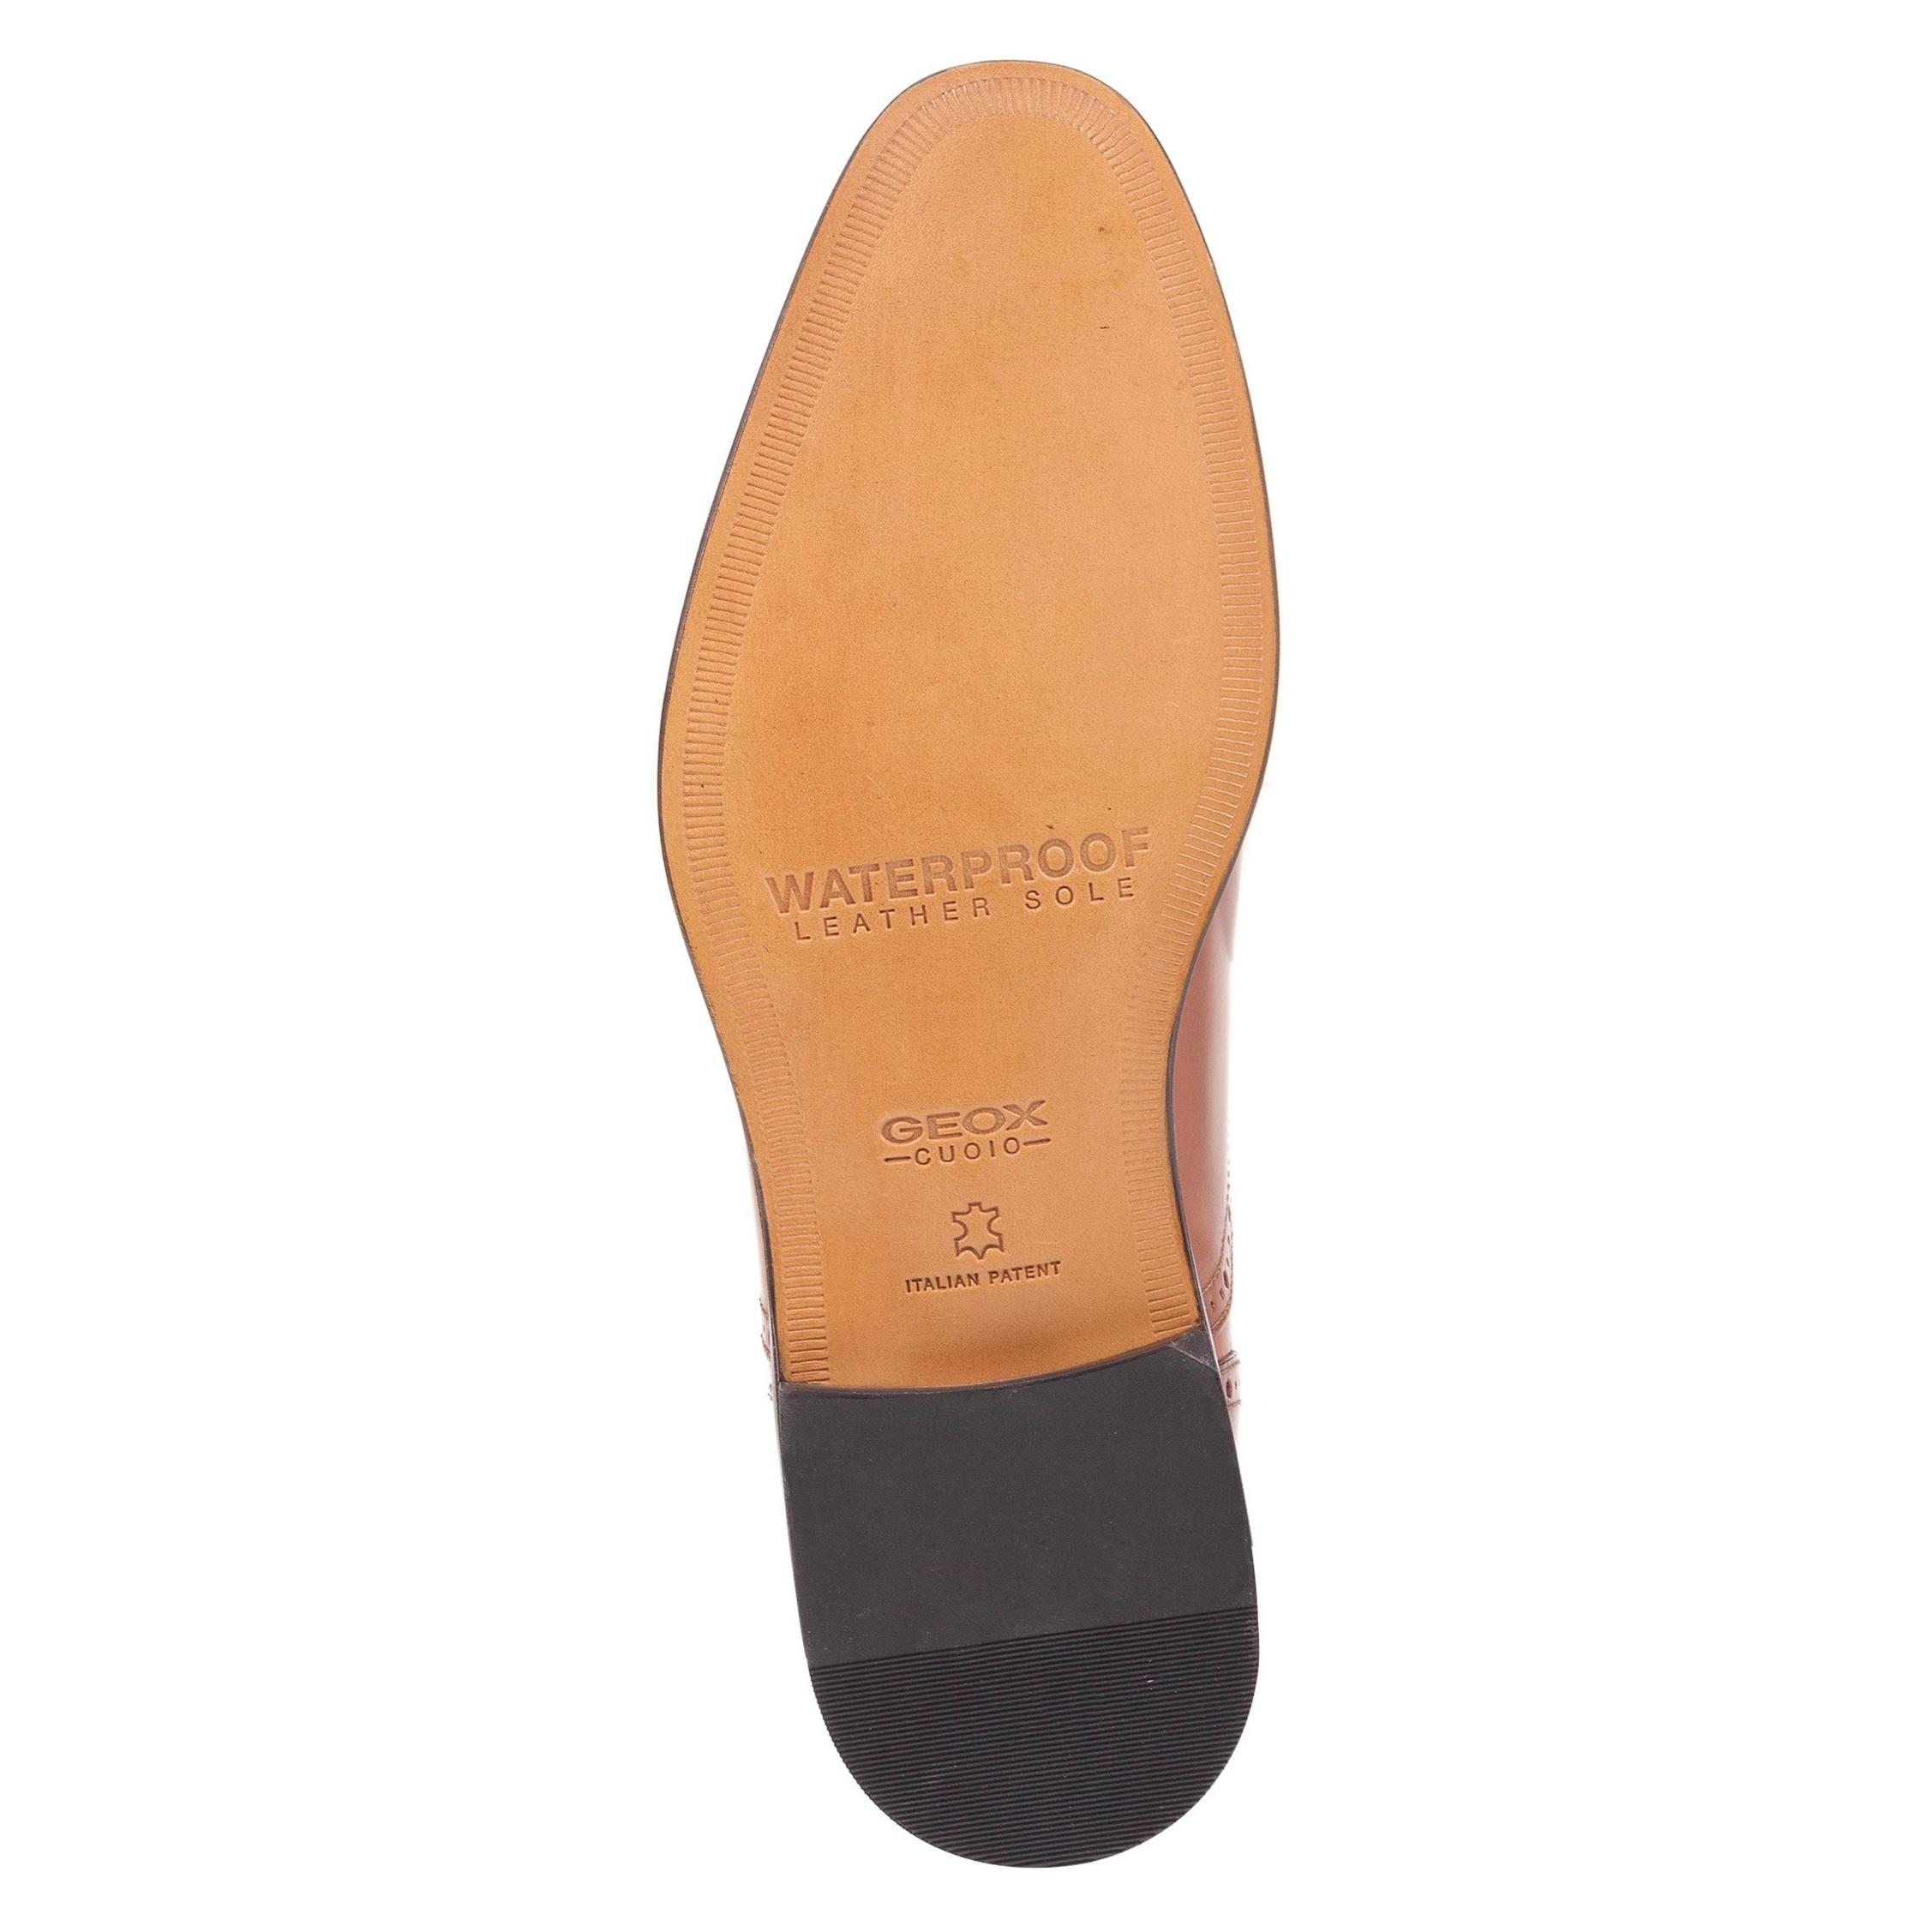 کفش رسمی چرم مردانه Saymore A - جی اوکس - قهوه اي  - 3